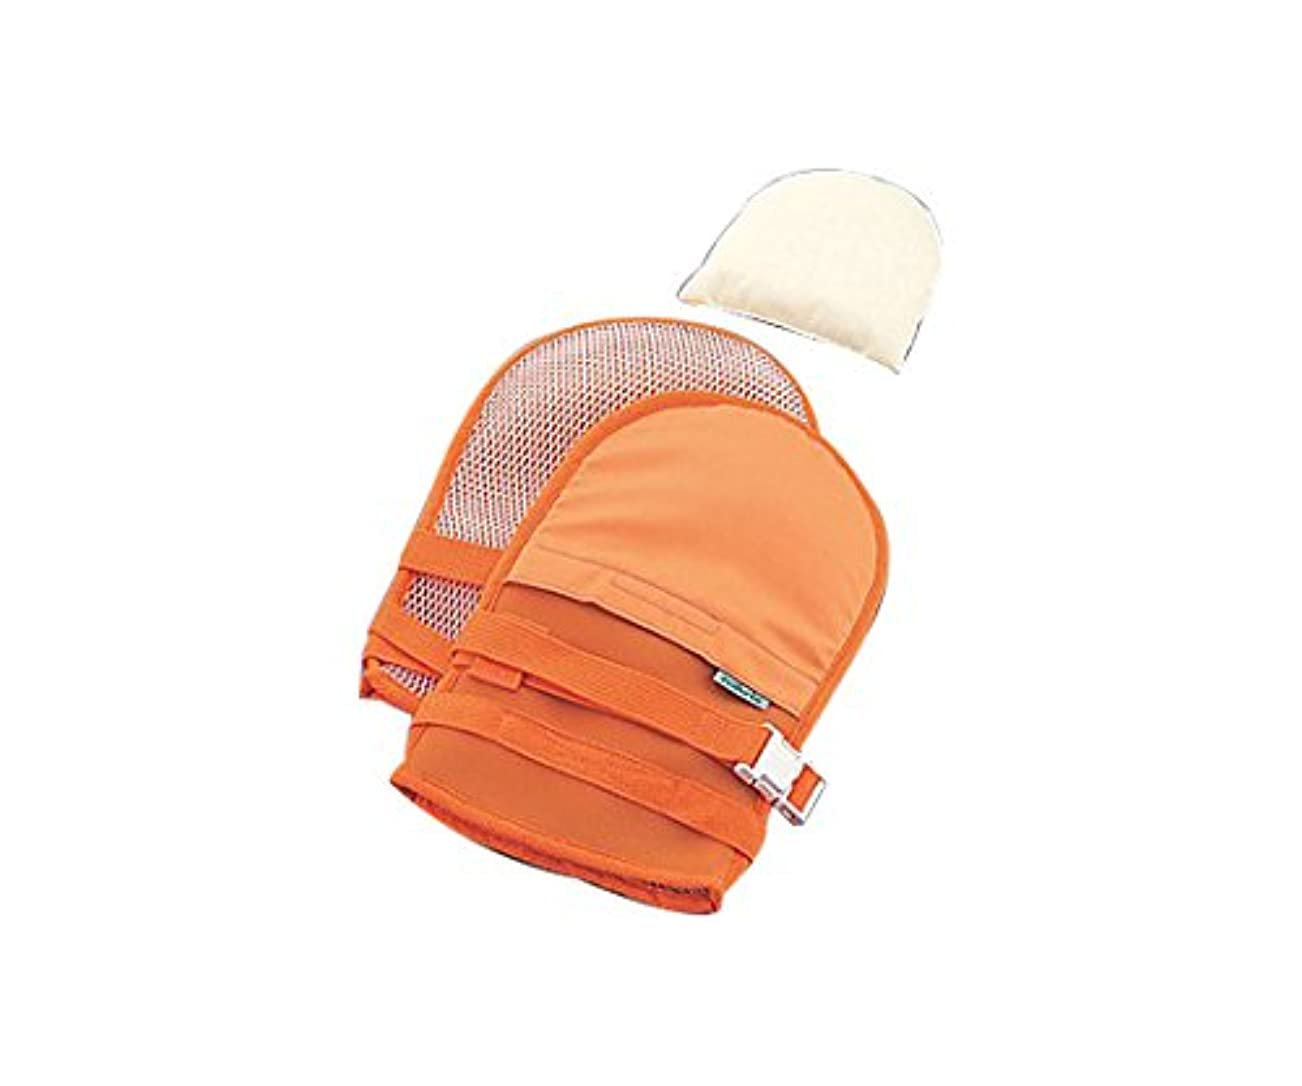 ナビス(アズワン)0-1638-41抜管防止手袋大メッシュオレンジ